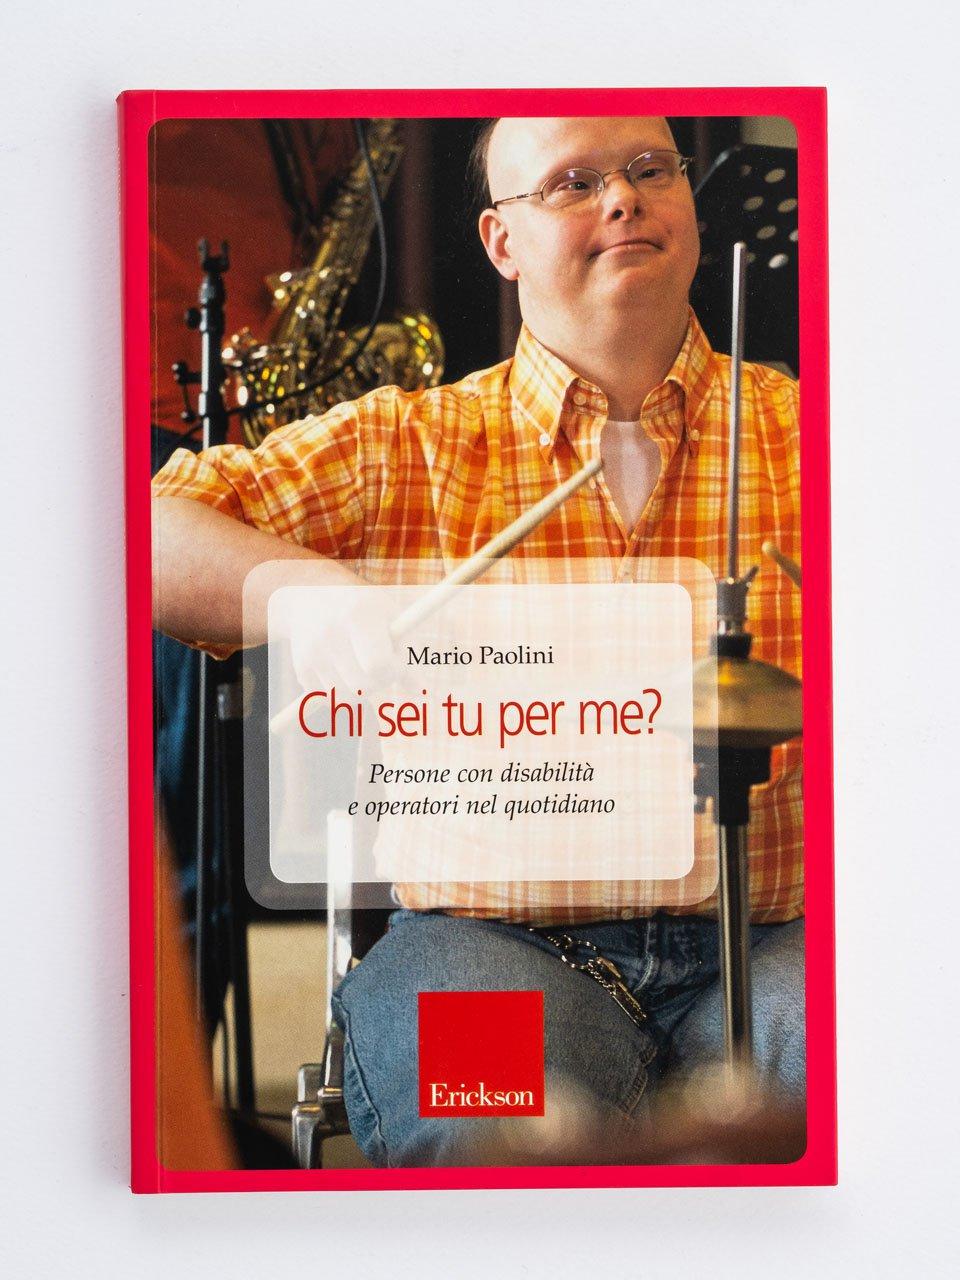 Chi sei tu per me? - Disabilità adulta - corso ECM - Formazione - Erickson